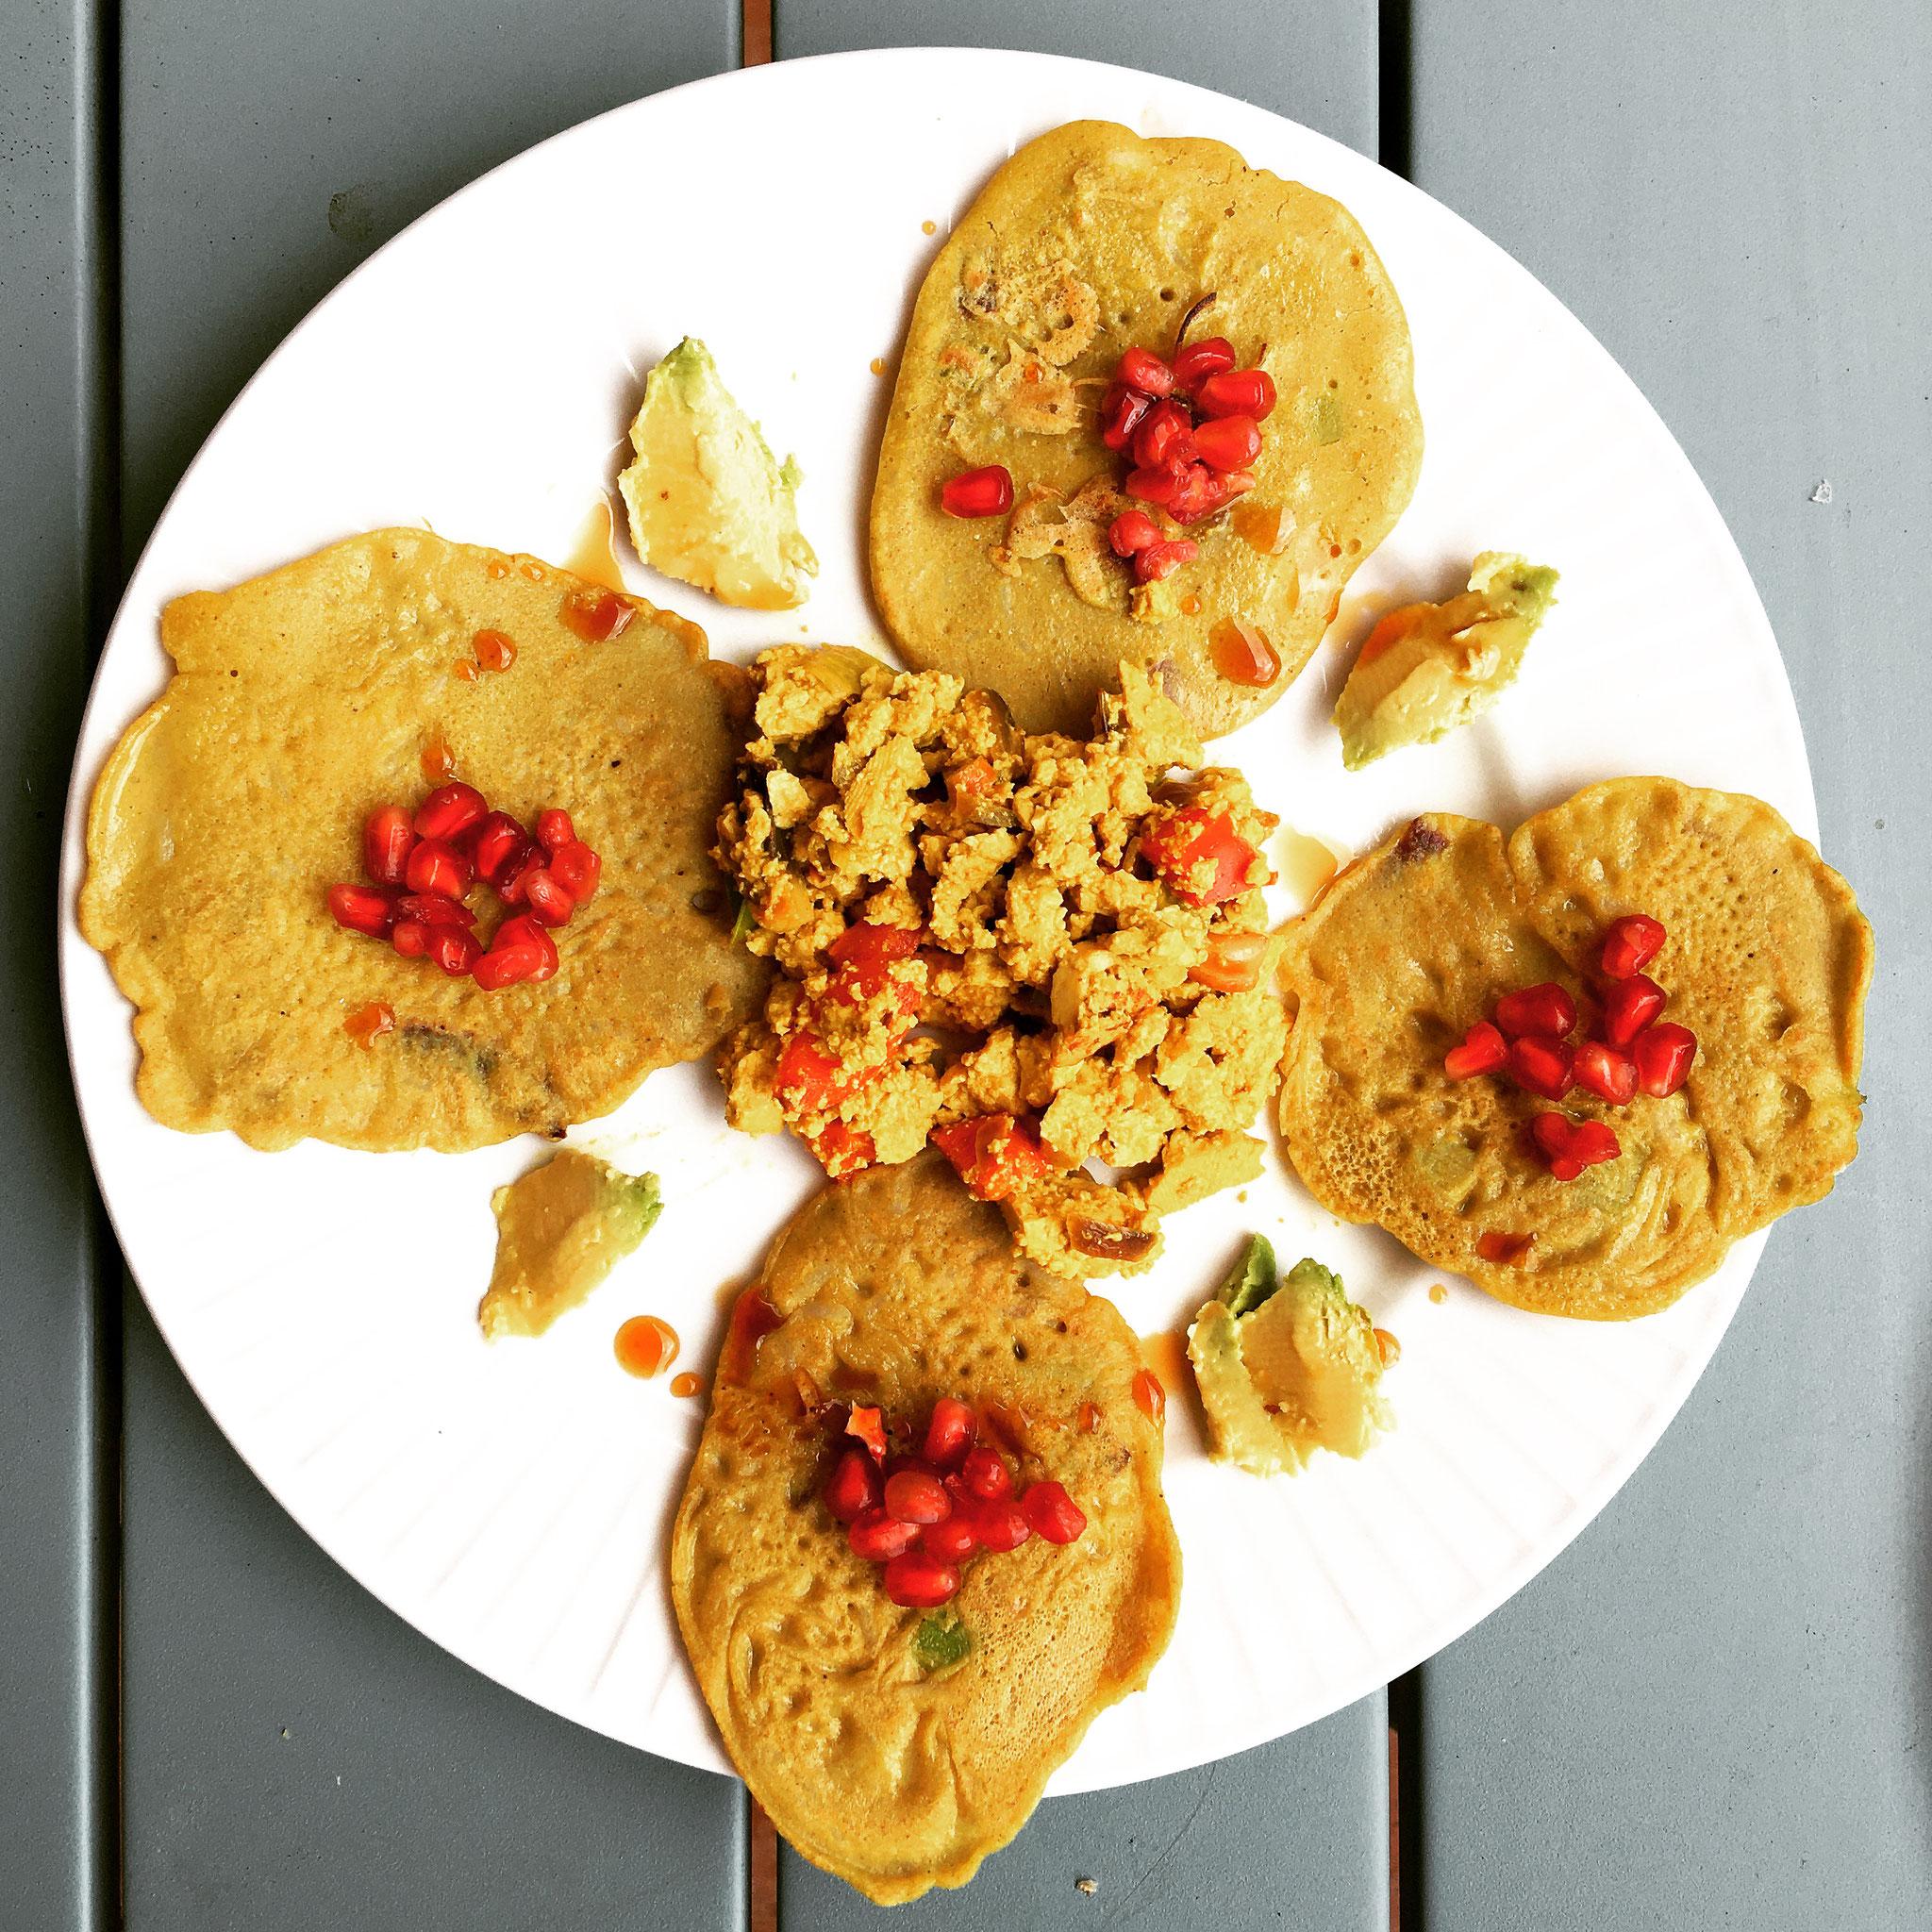 Rühr-Tofu mit Buchweizen-Cremes & Avocado (Breakfast)